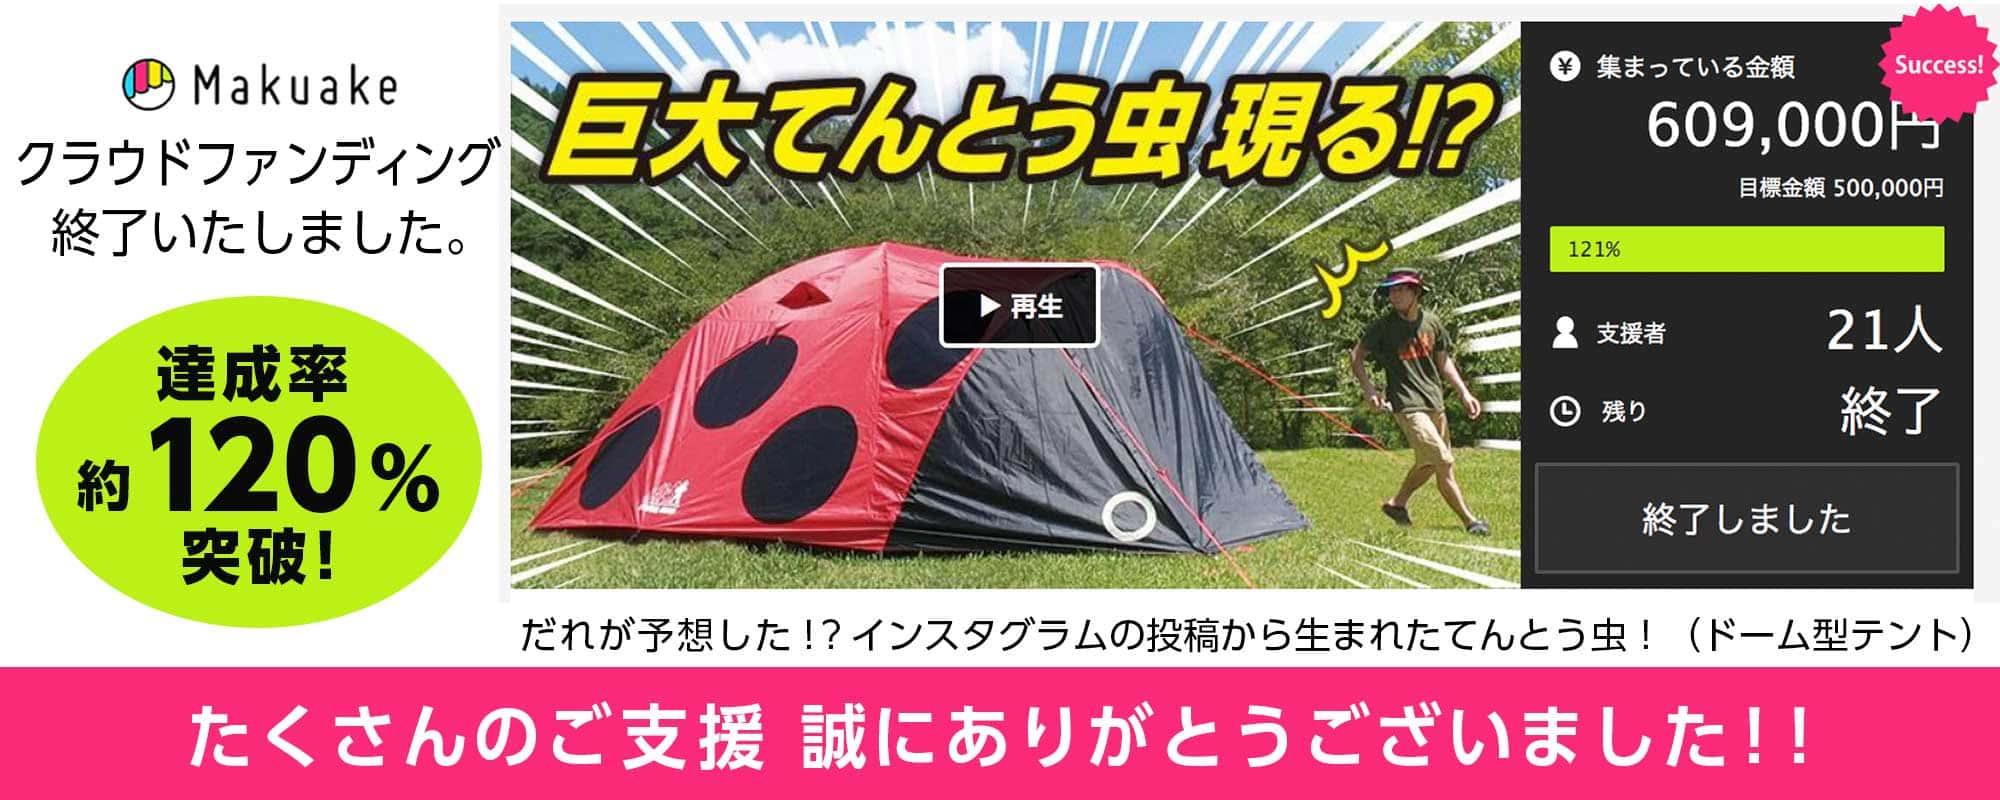 てんとう虫デザインドーム型テント「テンテン」クラウドファンディング終了しました。